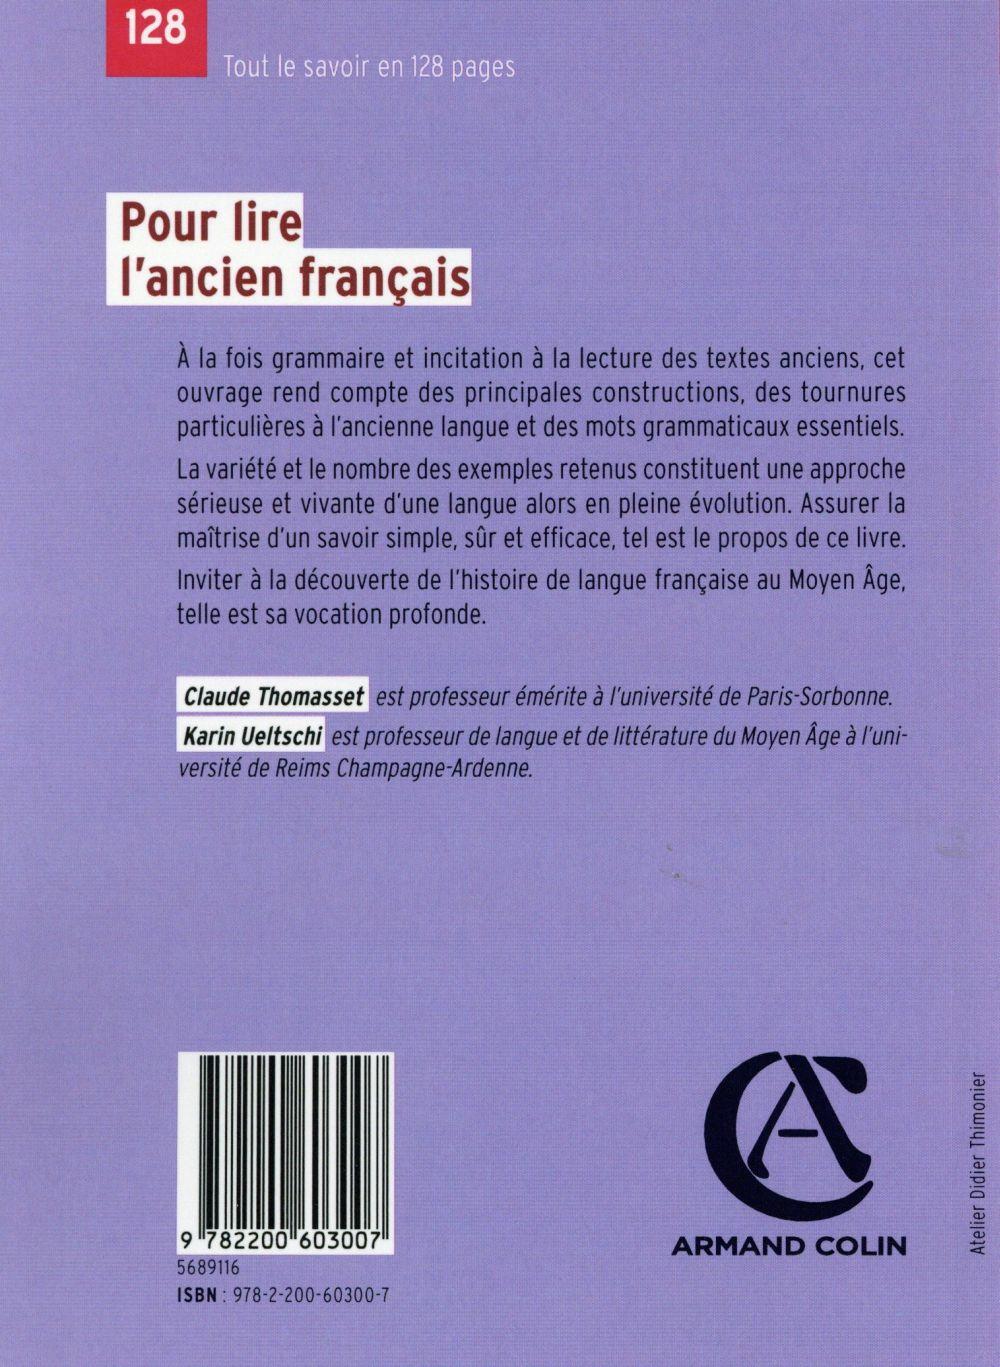 pour lire l'ancien français (3e édition)